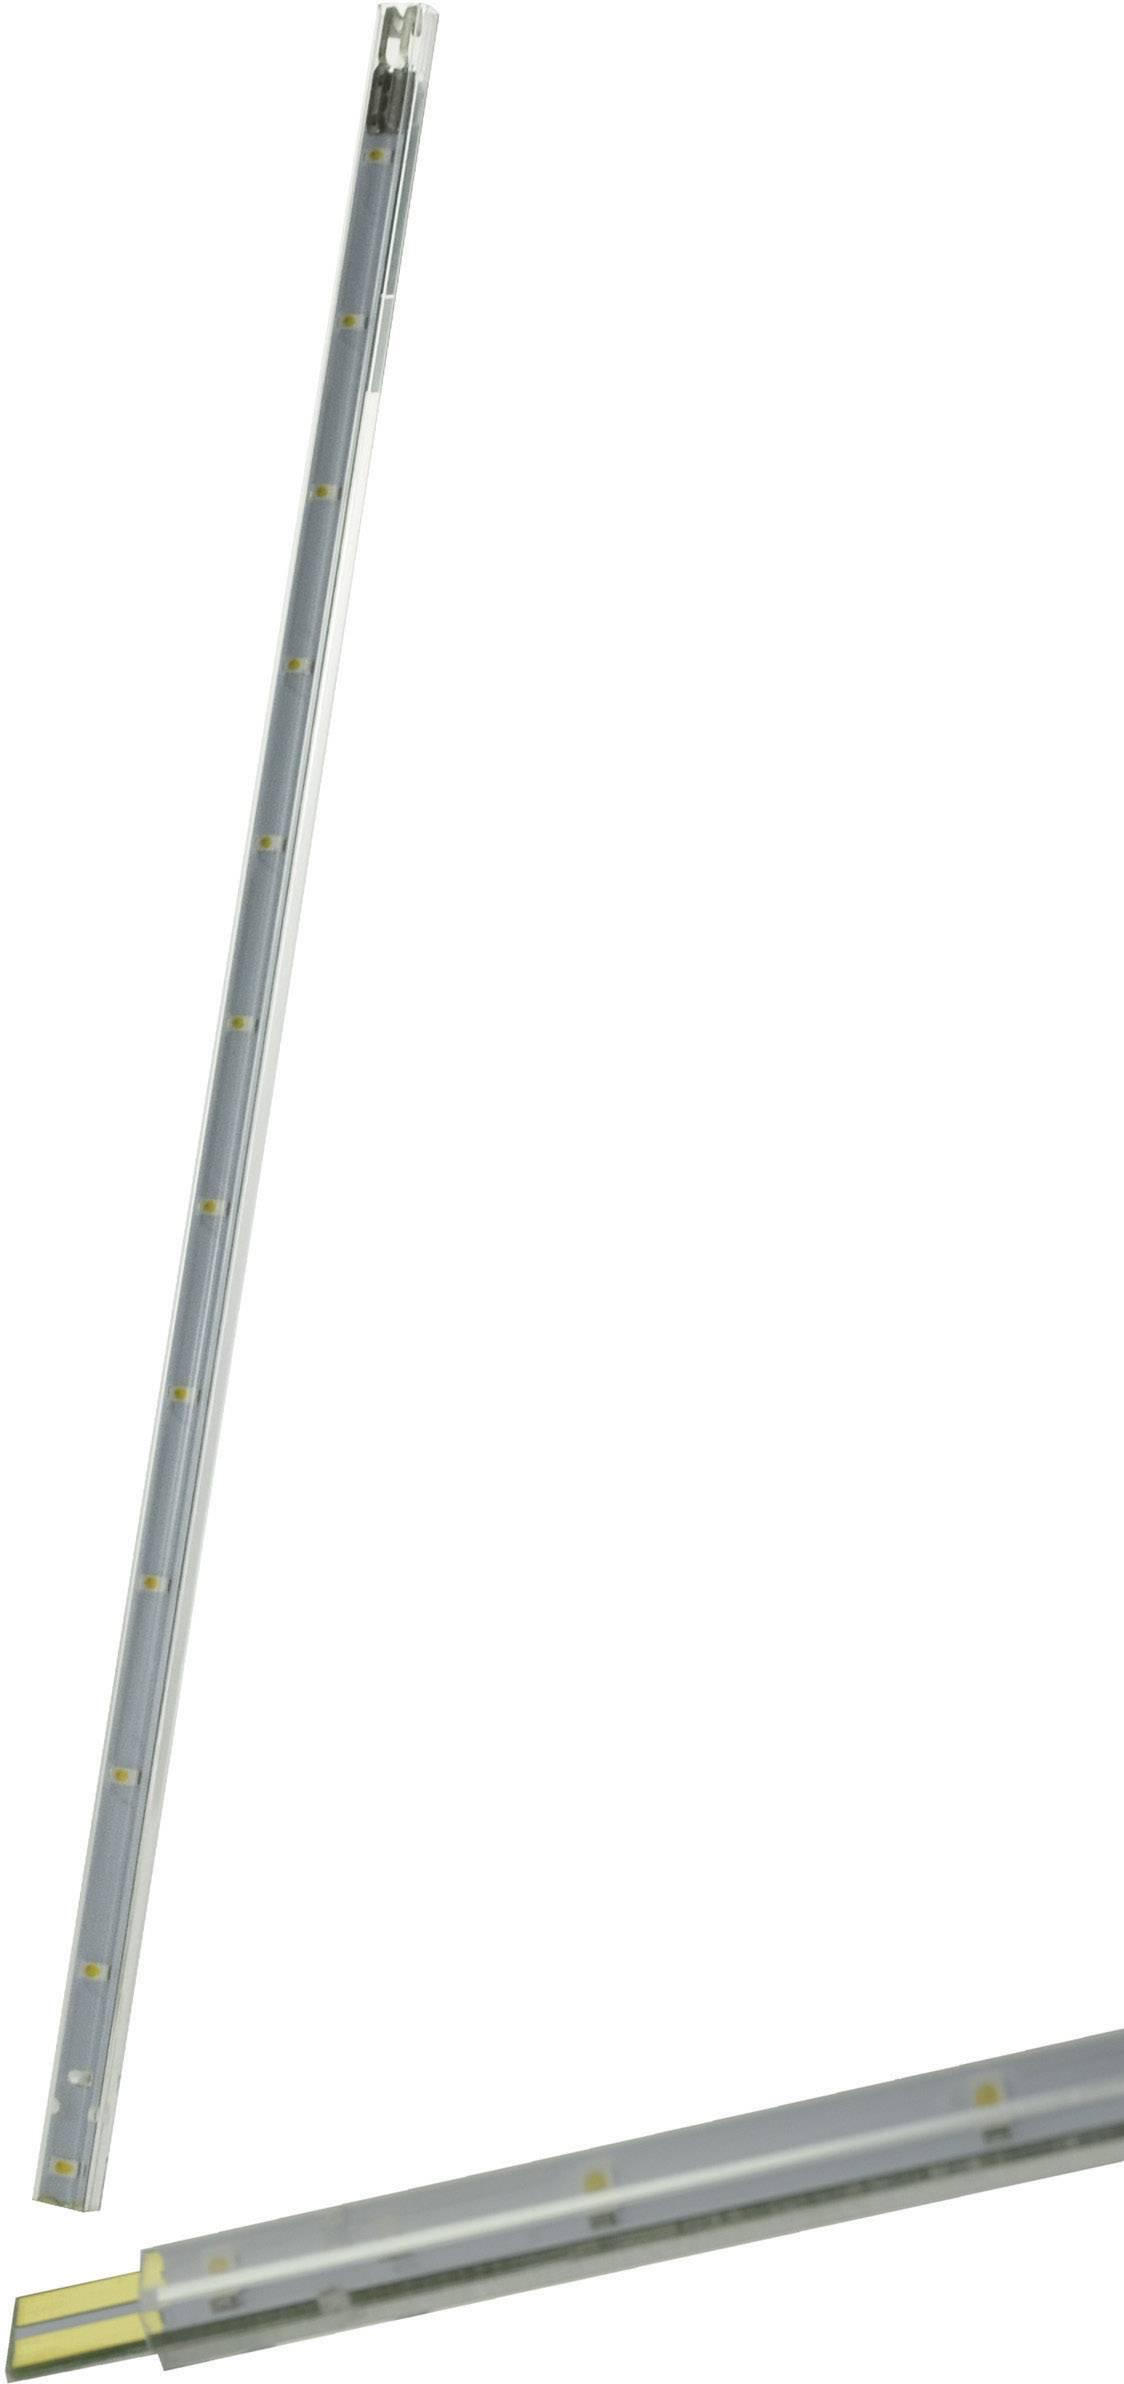 LED lišta Rolux DF-7012-12-2 30083113130, 12 V, 0.8 W, neutrálne biela, 30 cm